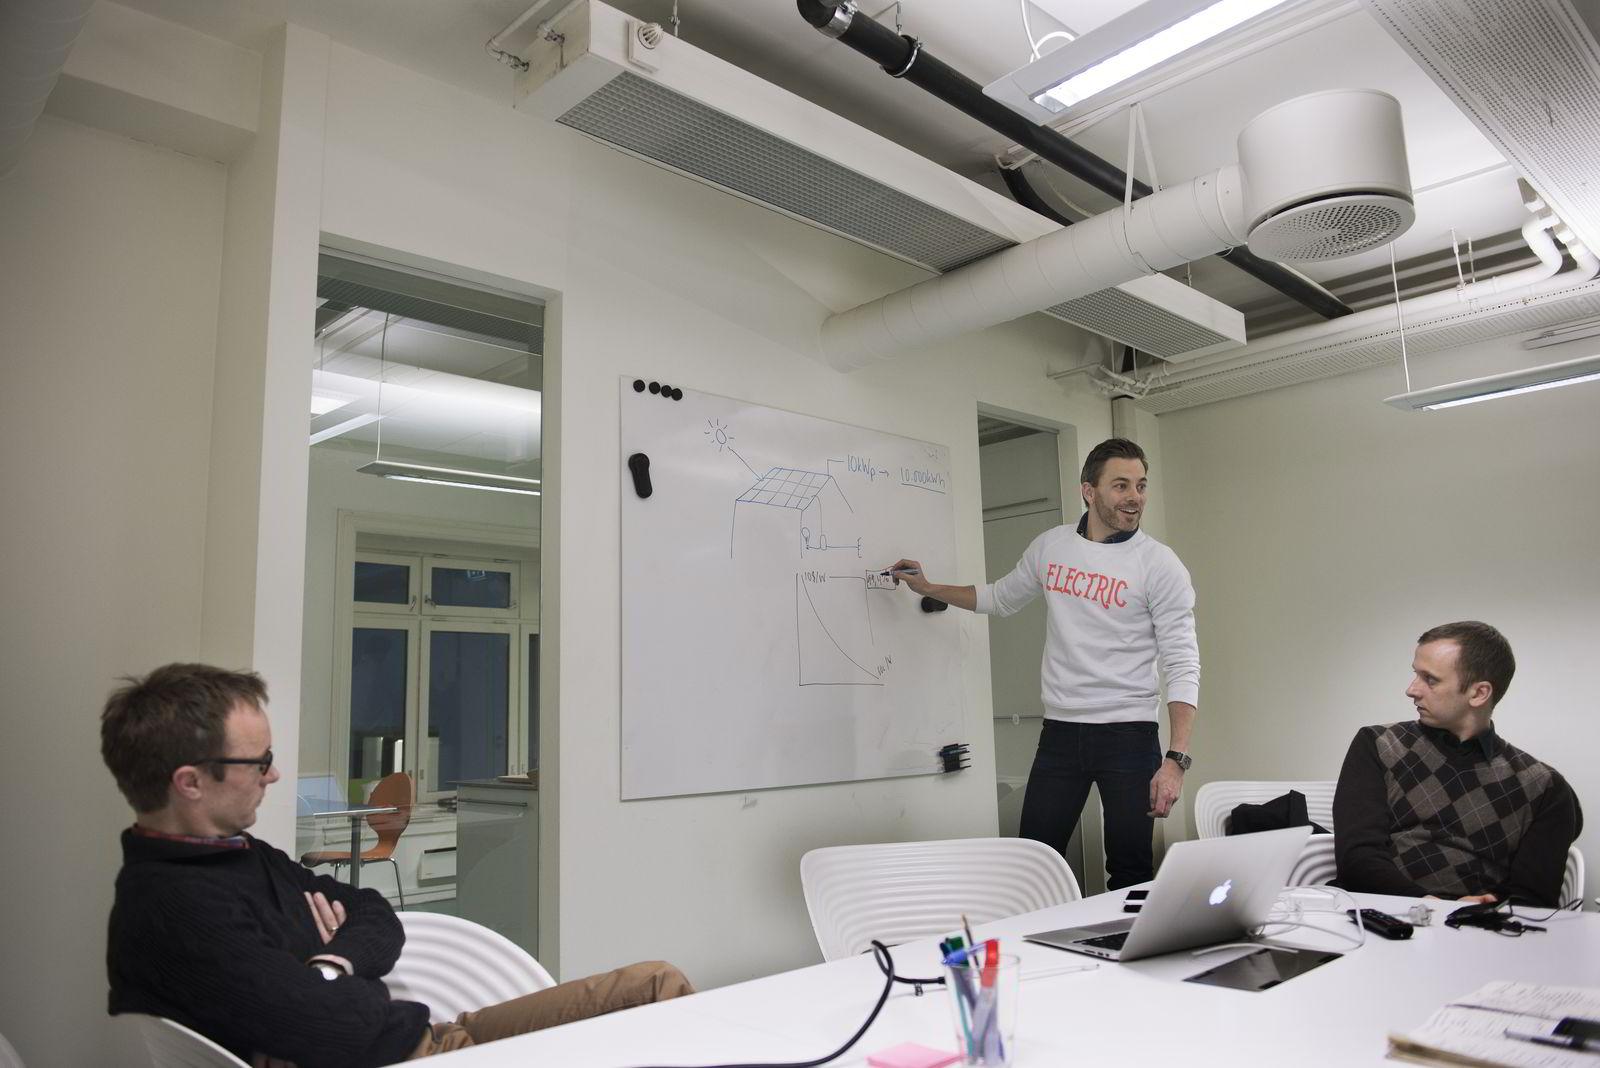 – Overskuddstrømmen går inn i strømnettet igjen, og vil i prinsippet forbrukes av naboen, forklarer Andreas Bentzen (til venstre). Med Andreas Thorsheim og Simen F. Jørgensen.